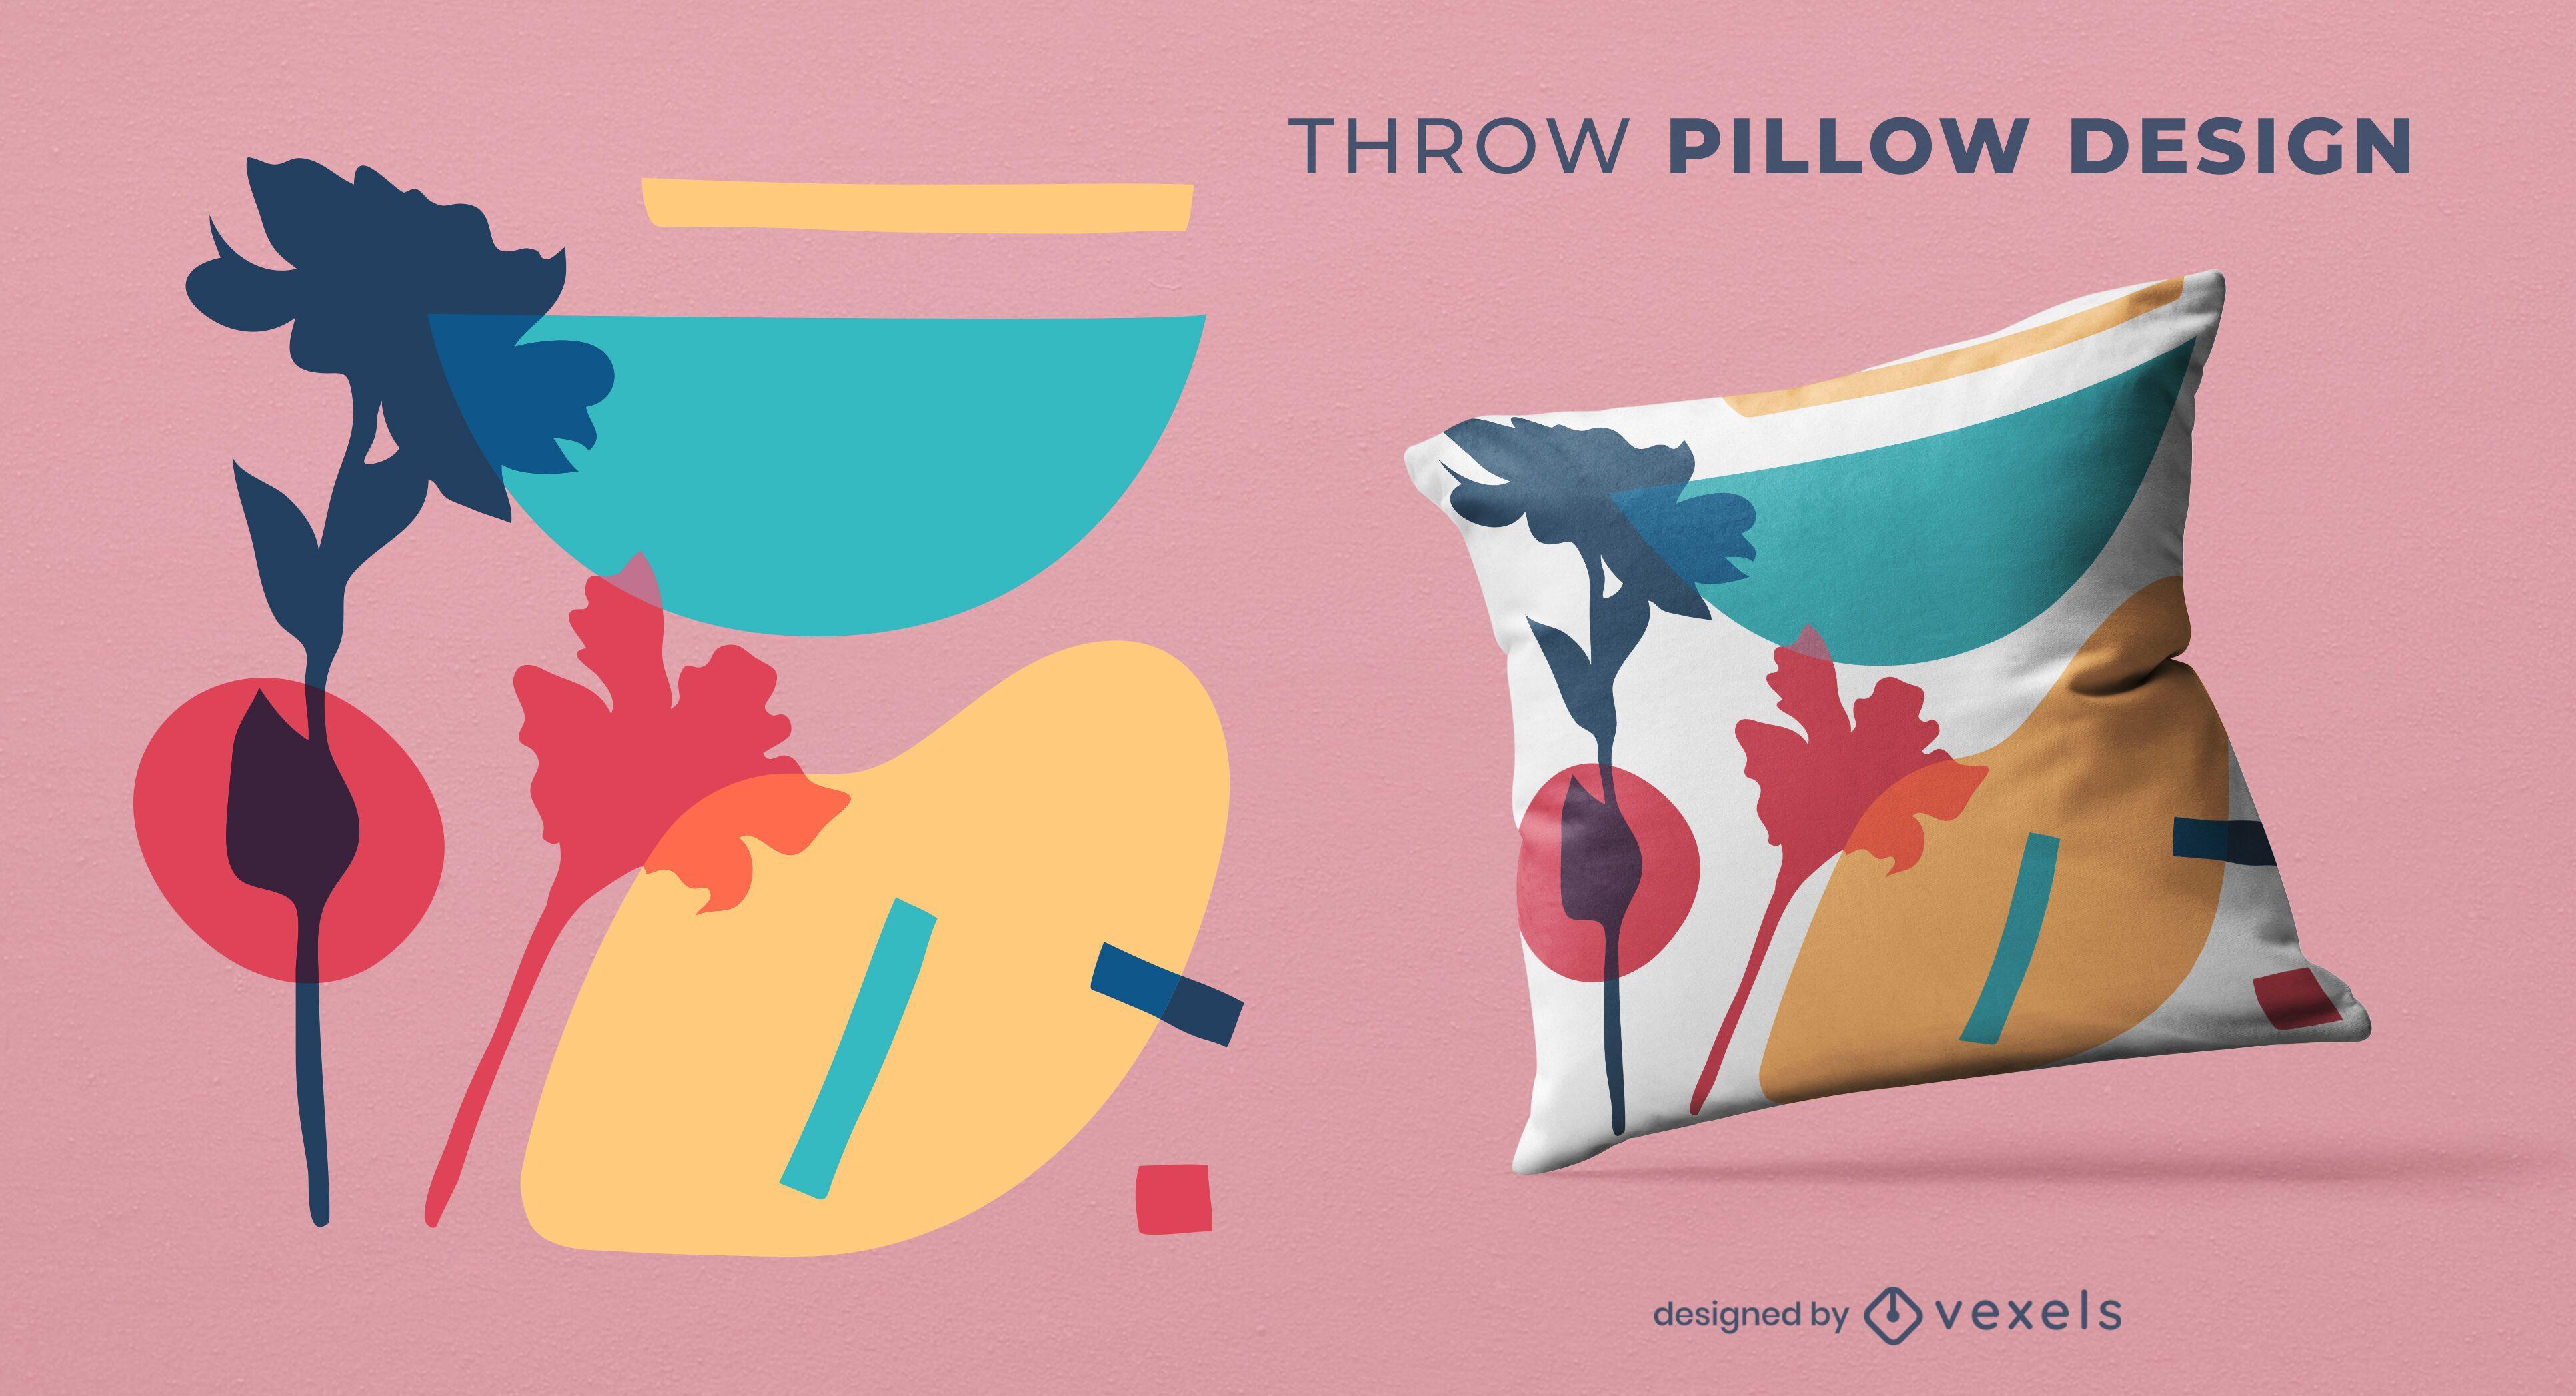 Diseño de almohada de tiro abstracto colorido